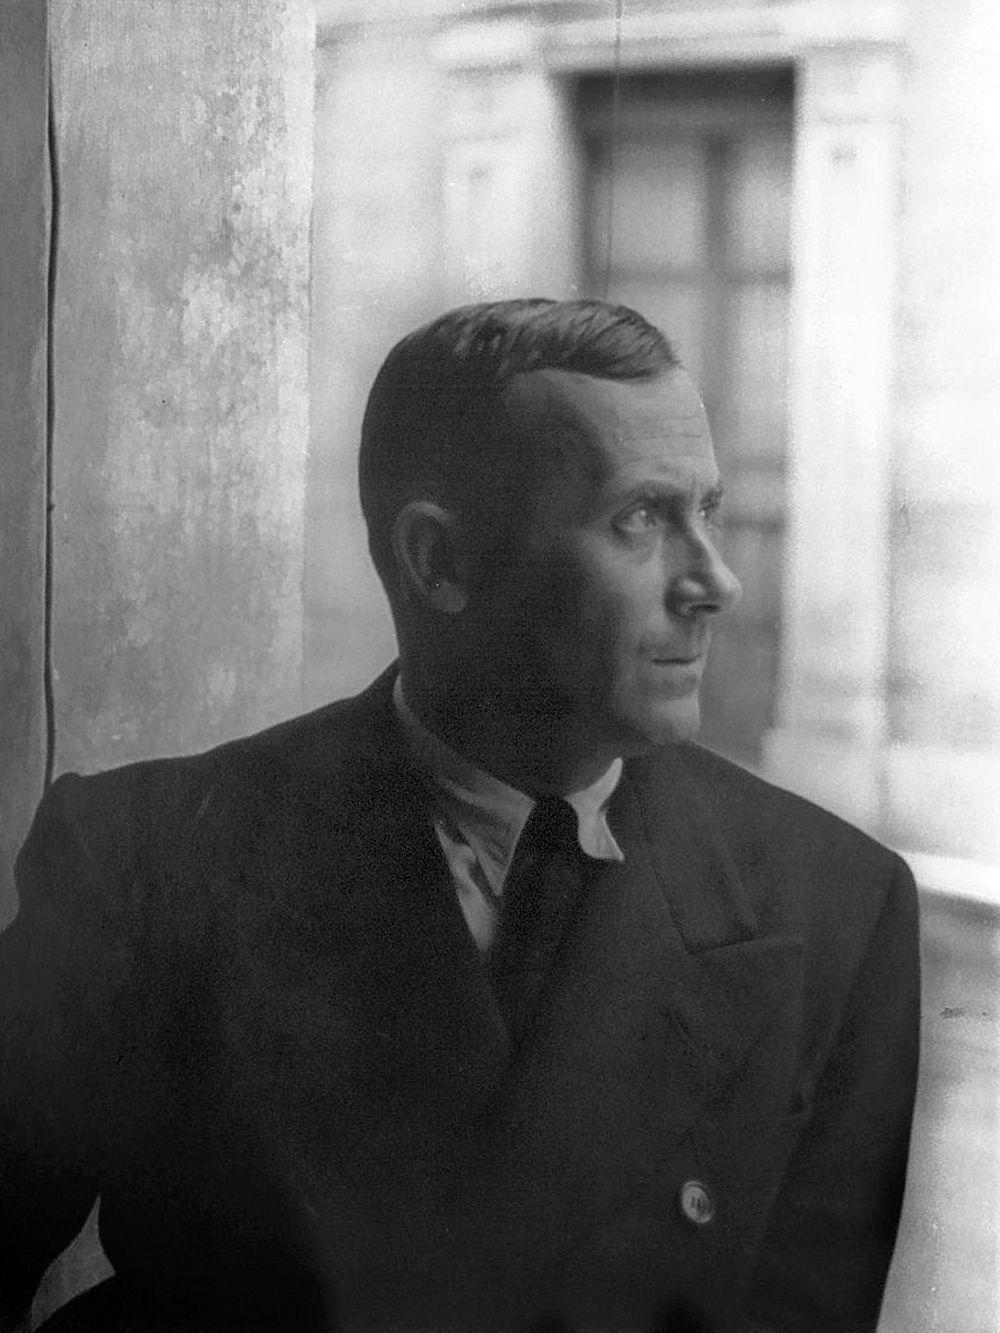 Joan Miró in Barcelona in 1935